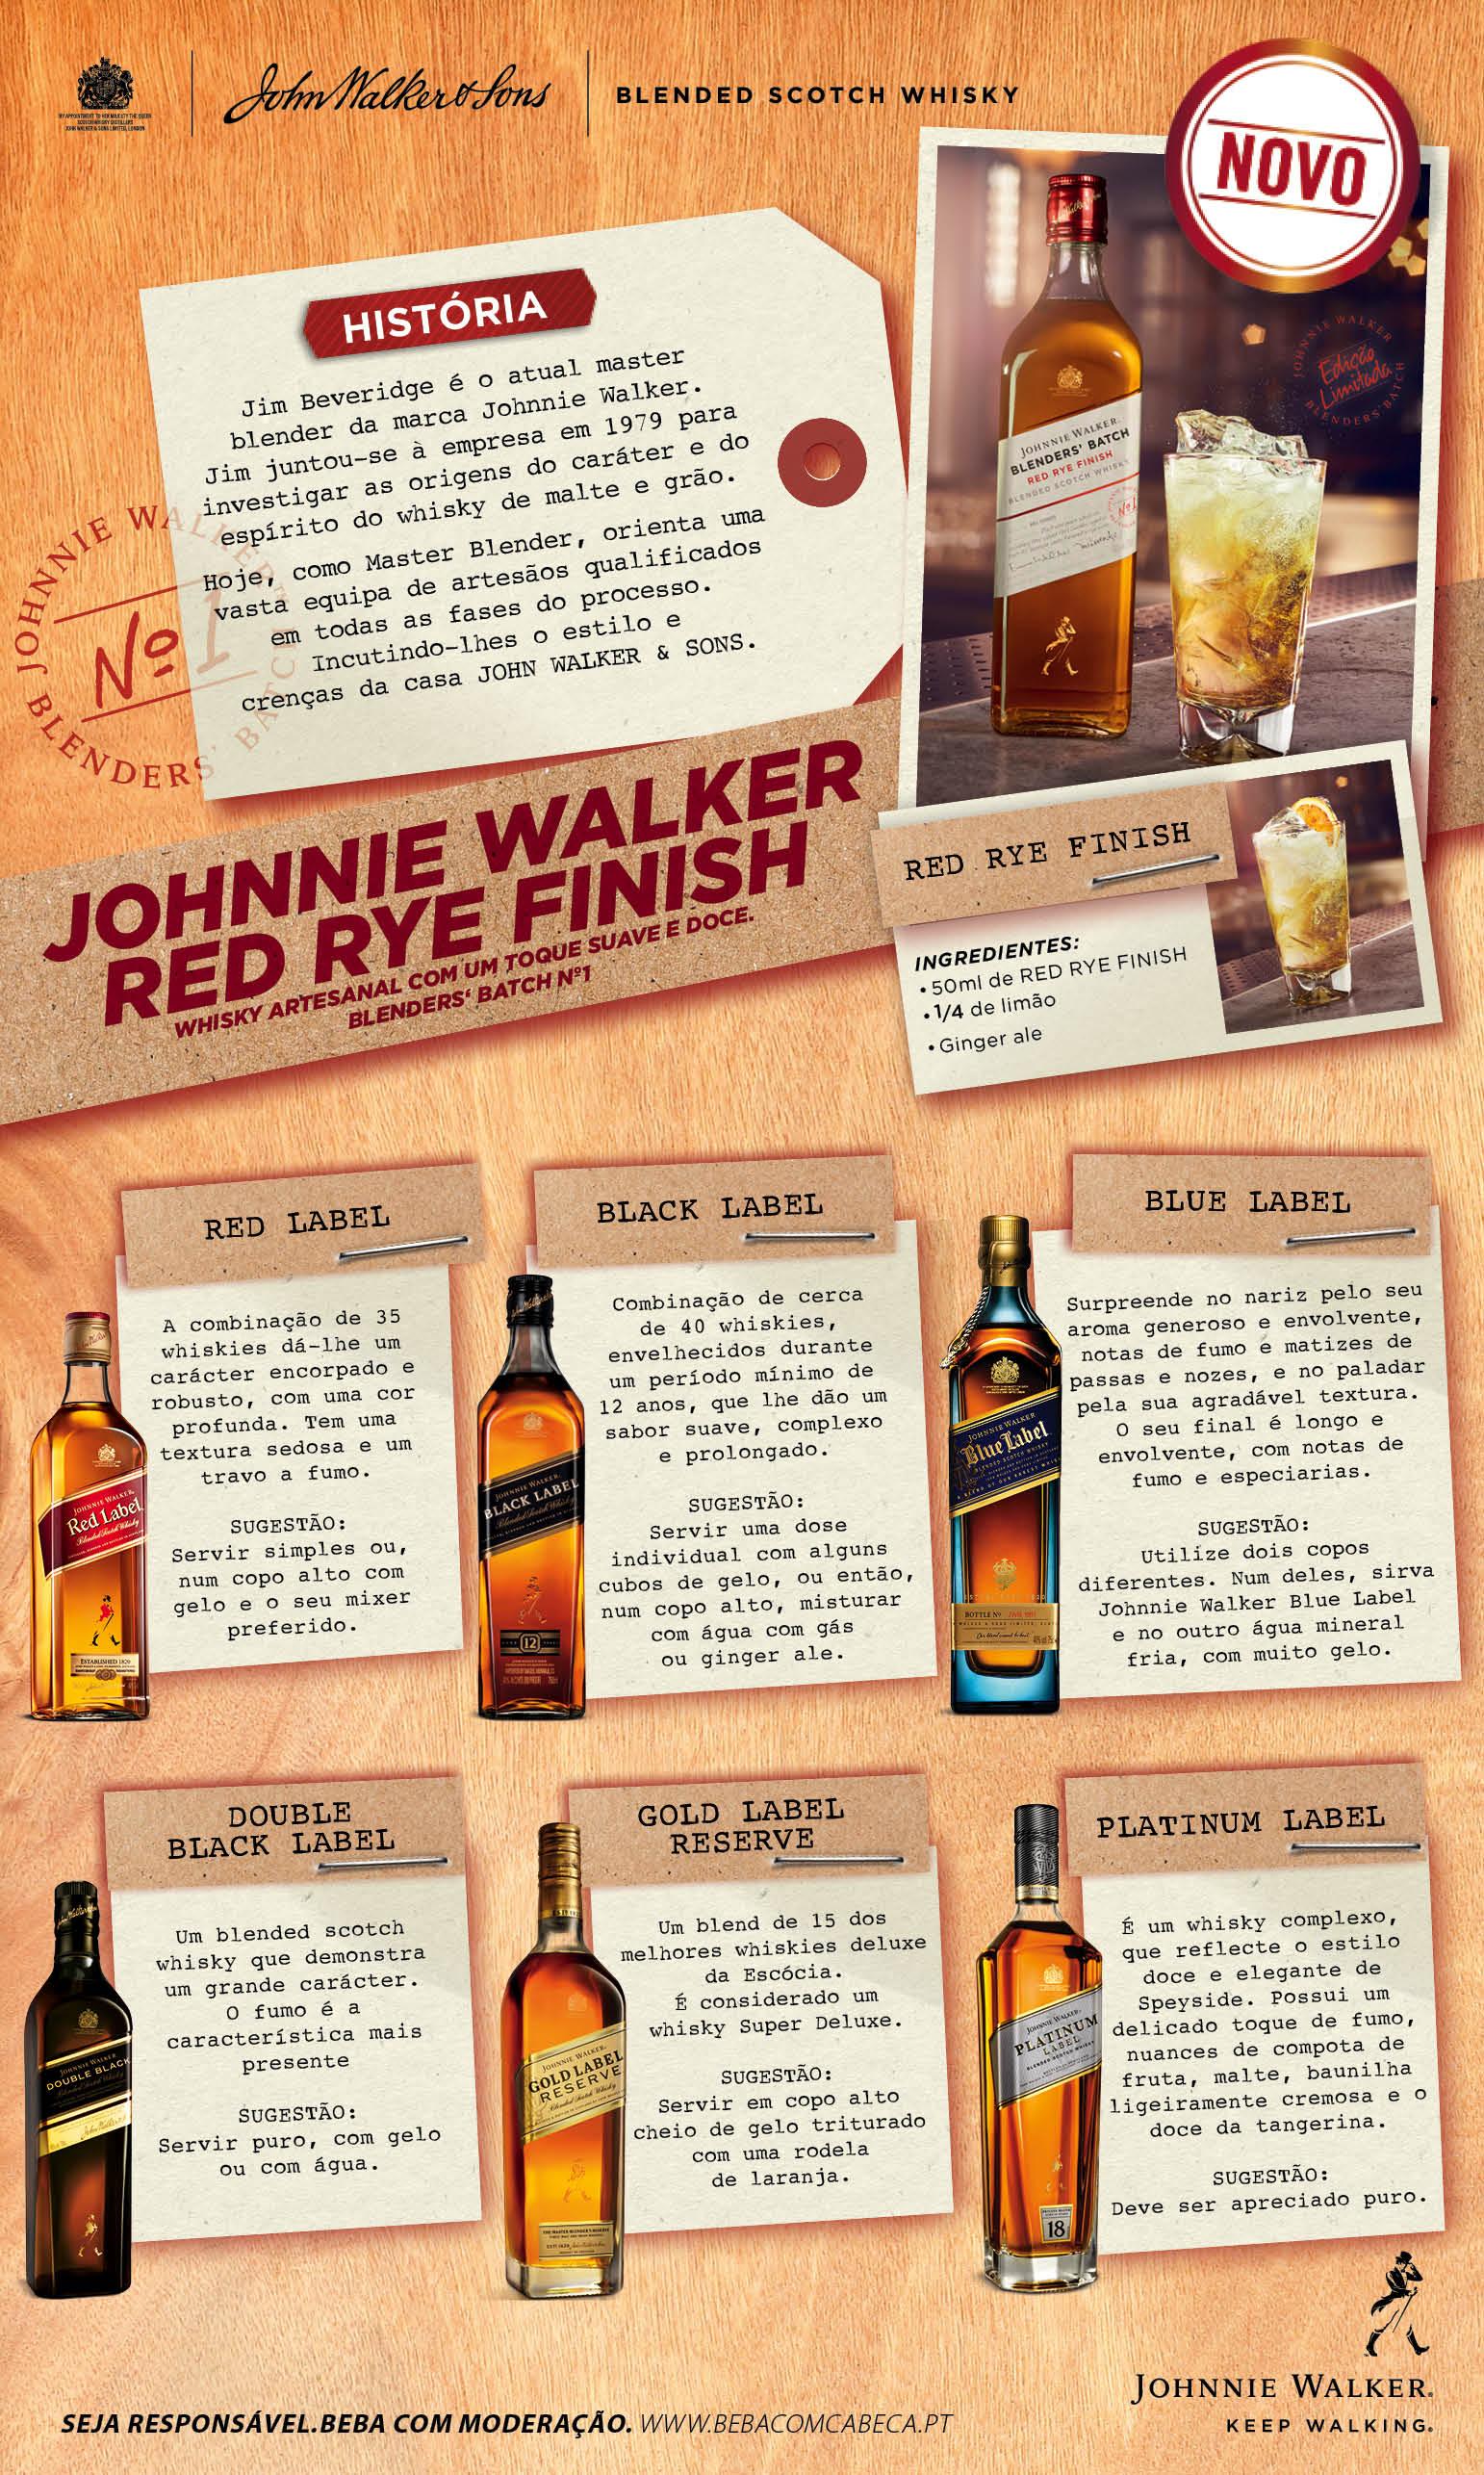 O novo Johnnie Walker Red Rye Finish é um whisky artesanal com um toque suave e doce. O Blenders' batch nº1 é perfeito para bebidas longas e de grande sabor.